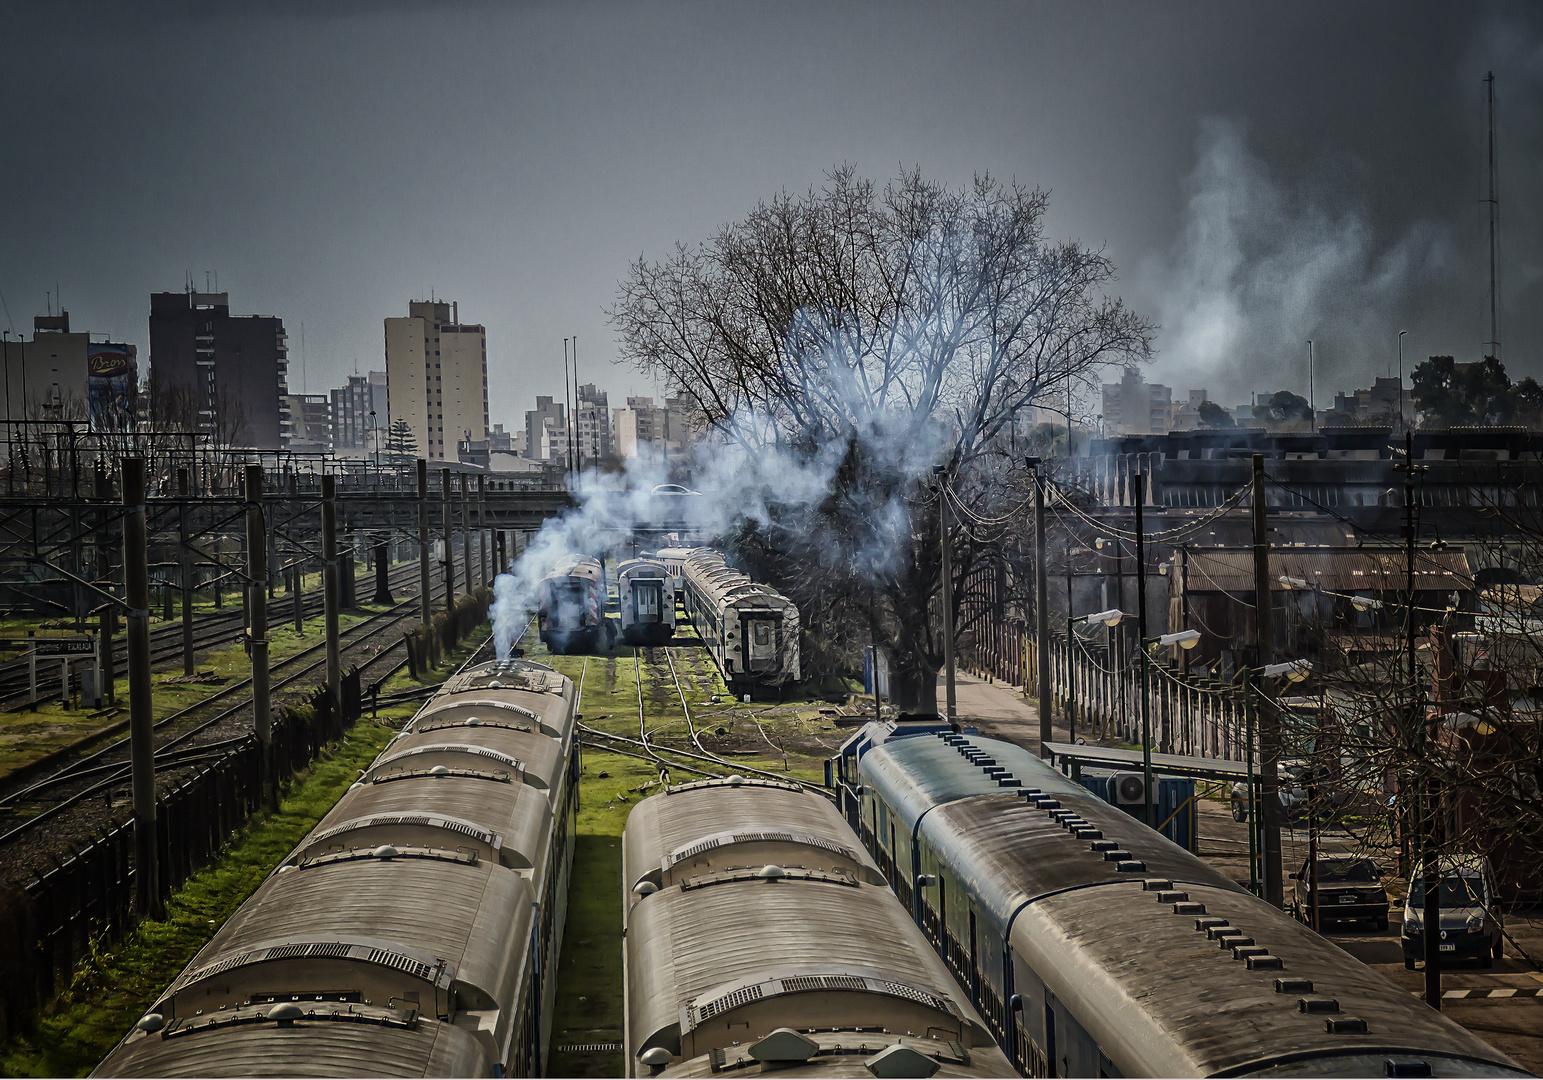 De Trenes y estaciones ferroviarias